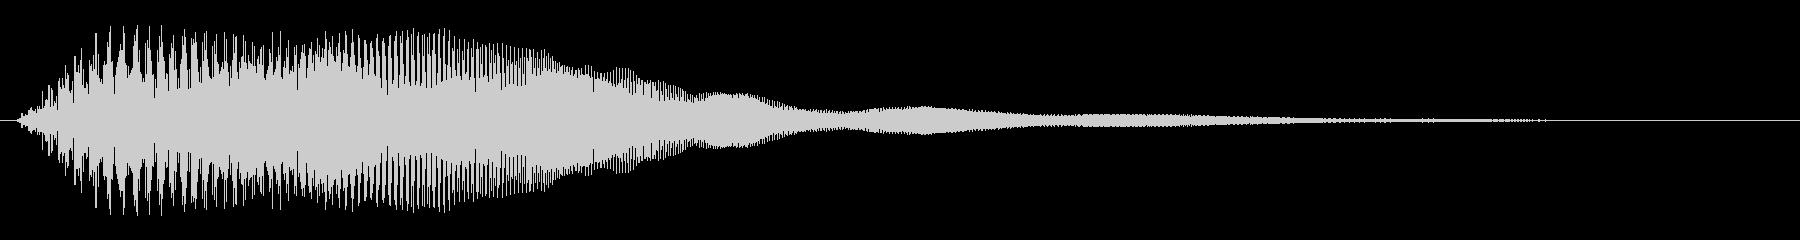 ウォーン(素早い移動音)の未再生の波形